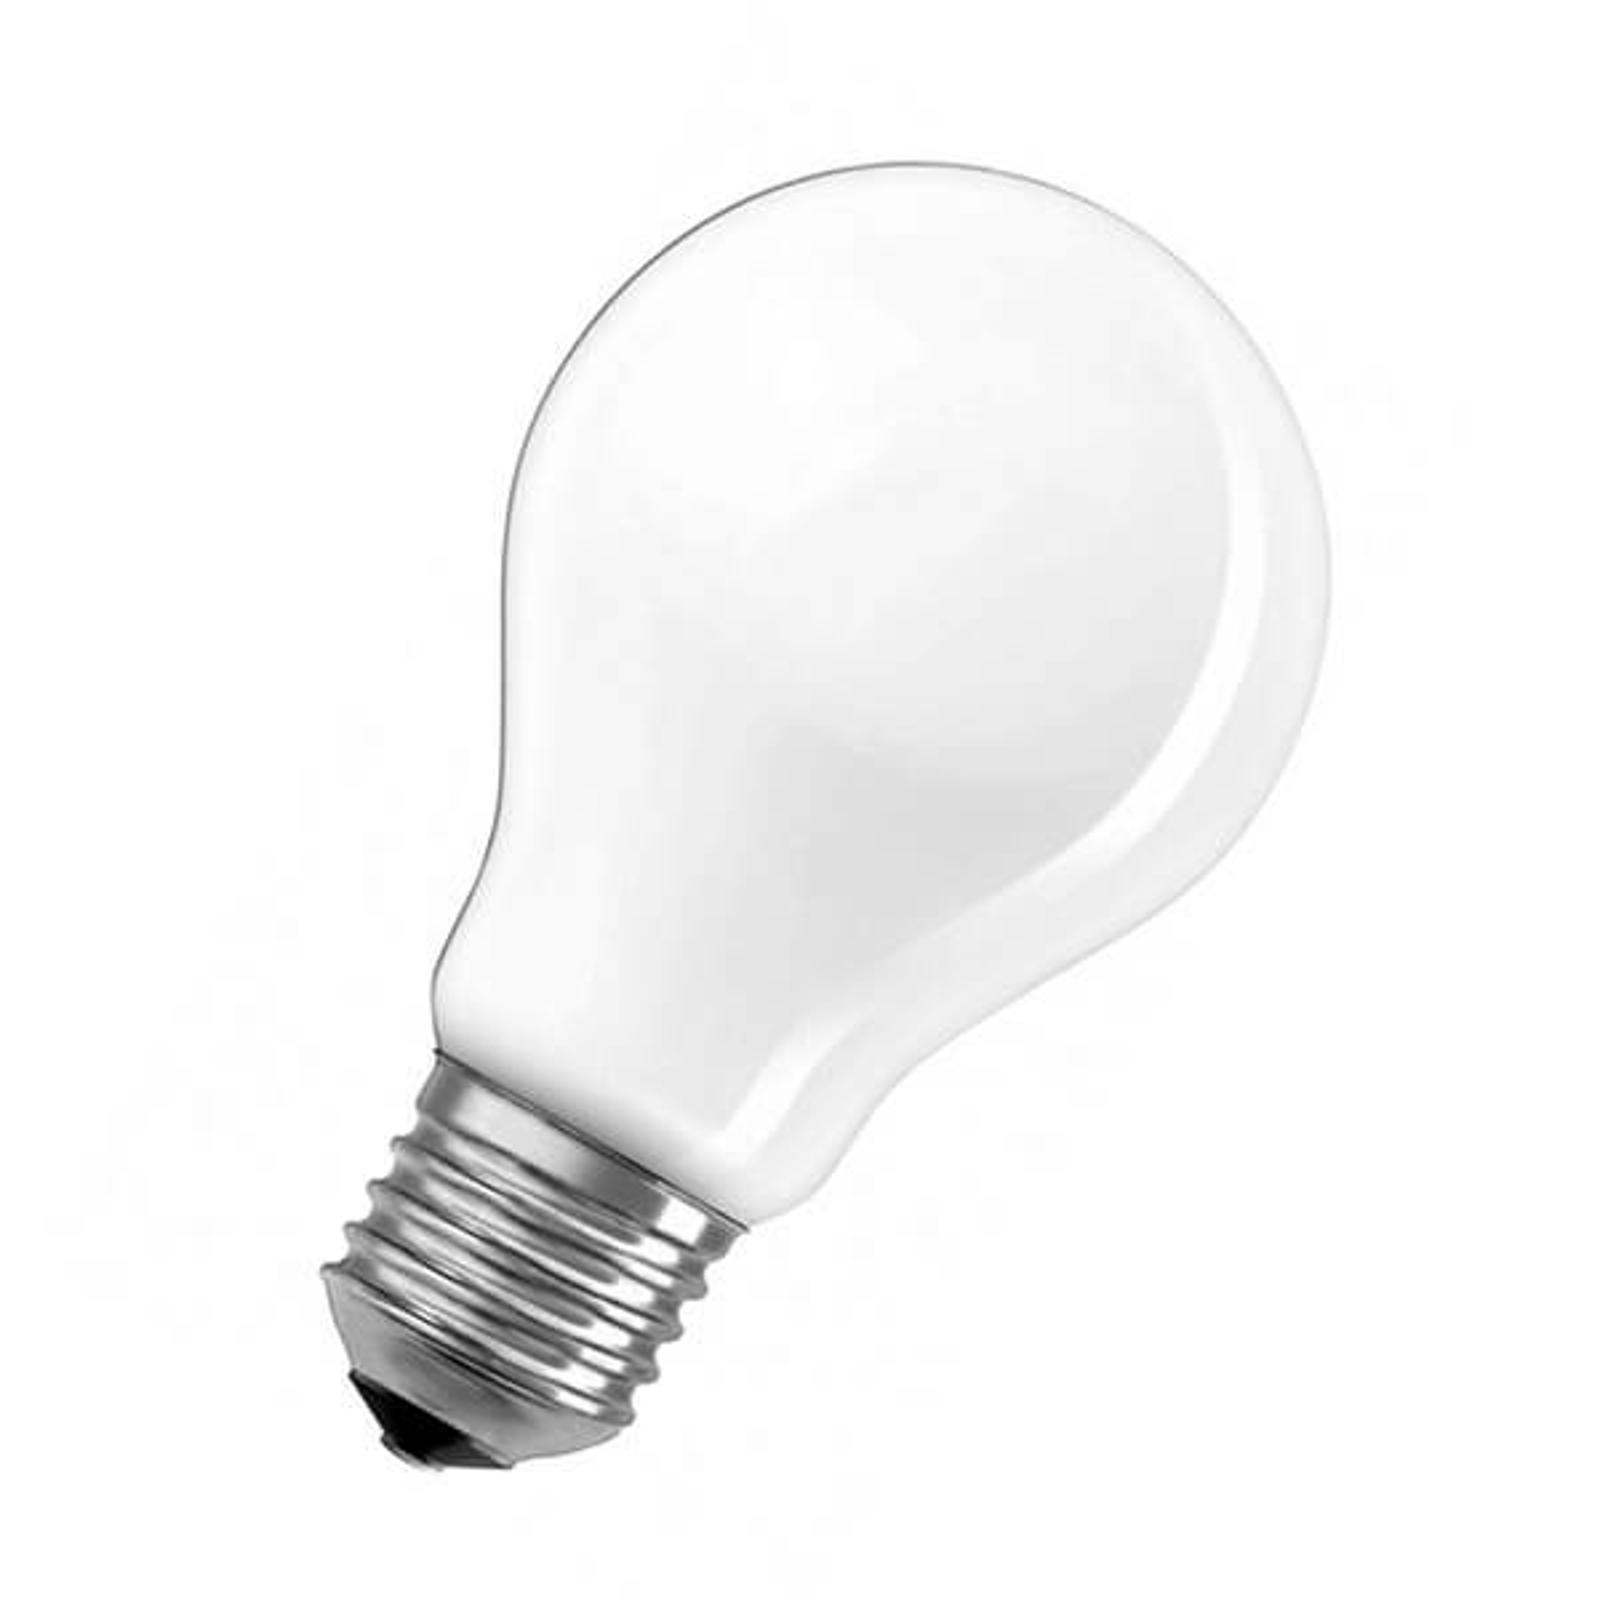 OSRAM-LED-lamppu E27 10W 6 500 K, 1 521 Lm